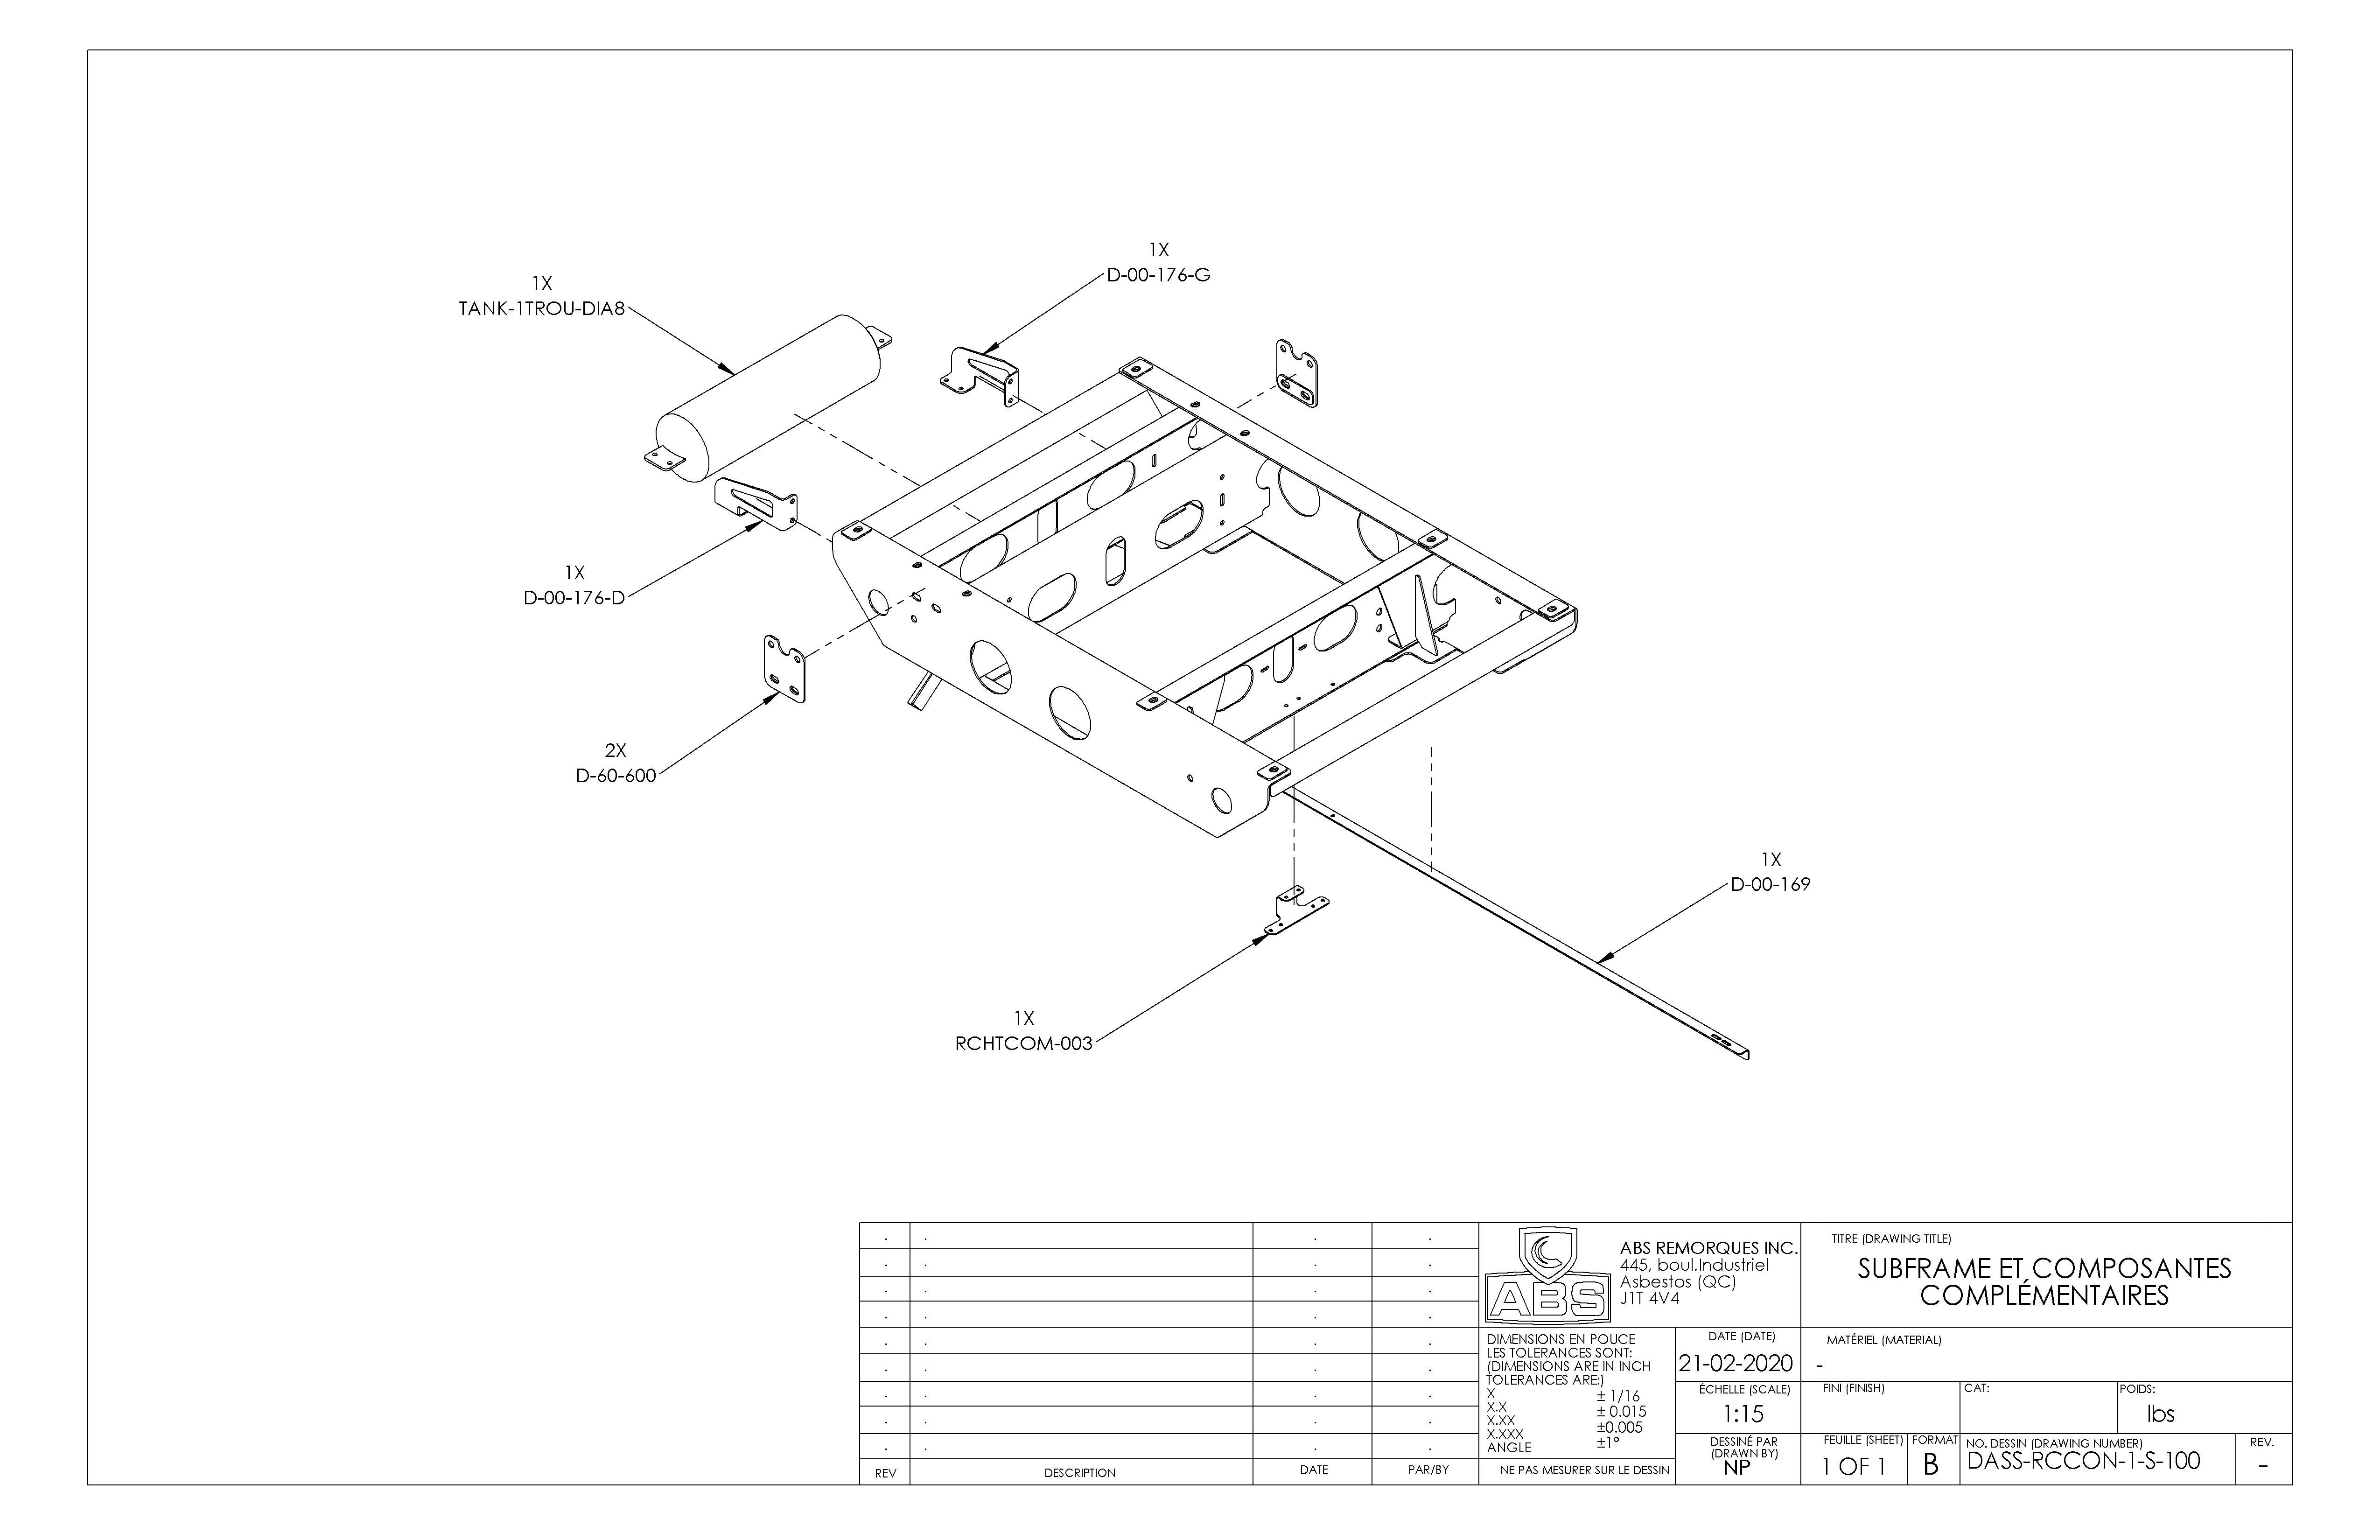 remorques-abs-fiche-technique-sous-chassis-auto-vireur-rc448